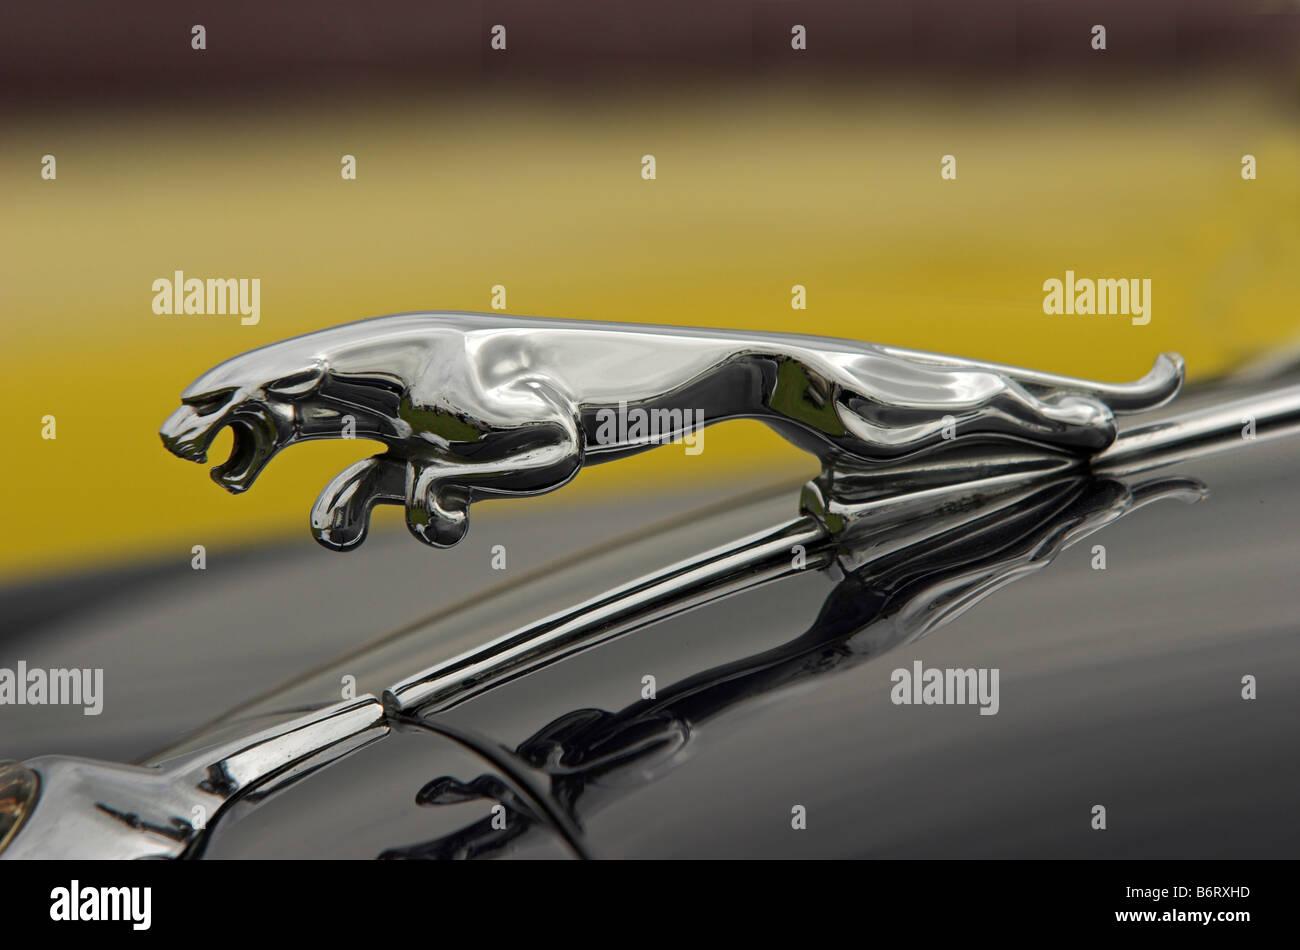 Mascote Jaguar Cars   Uma Vez Símbolo Da Engenharia Britânica Mas Agora  Propriedade Do Carro Indiano Tata Gigante